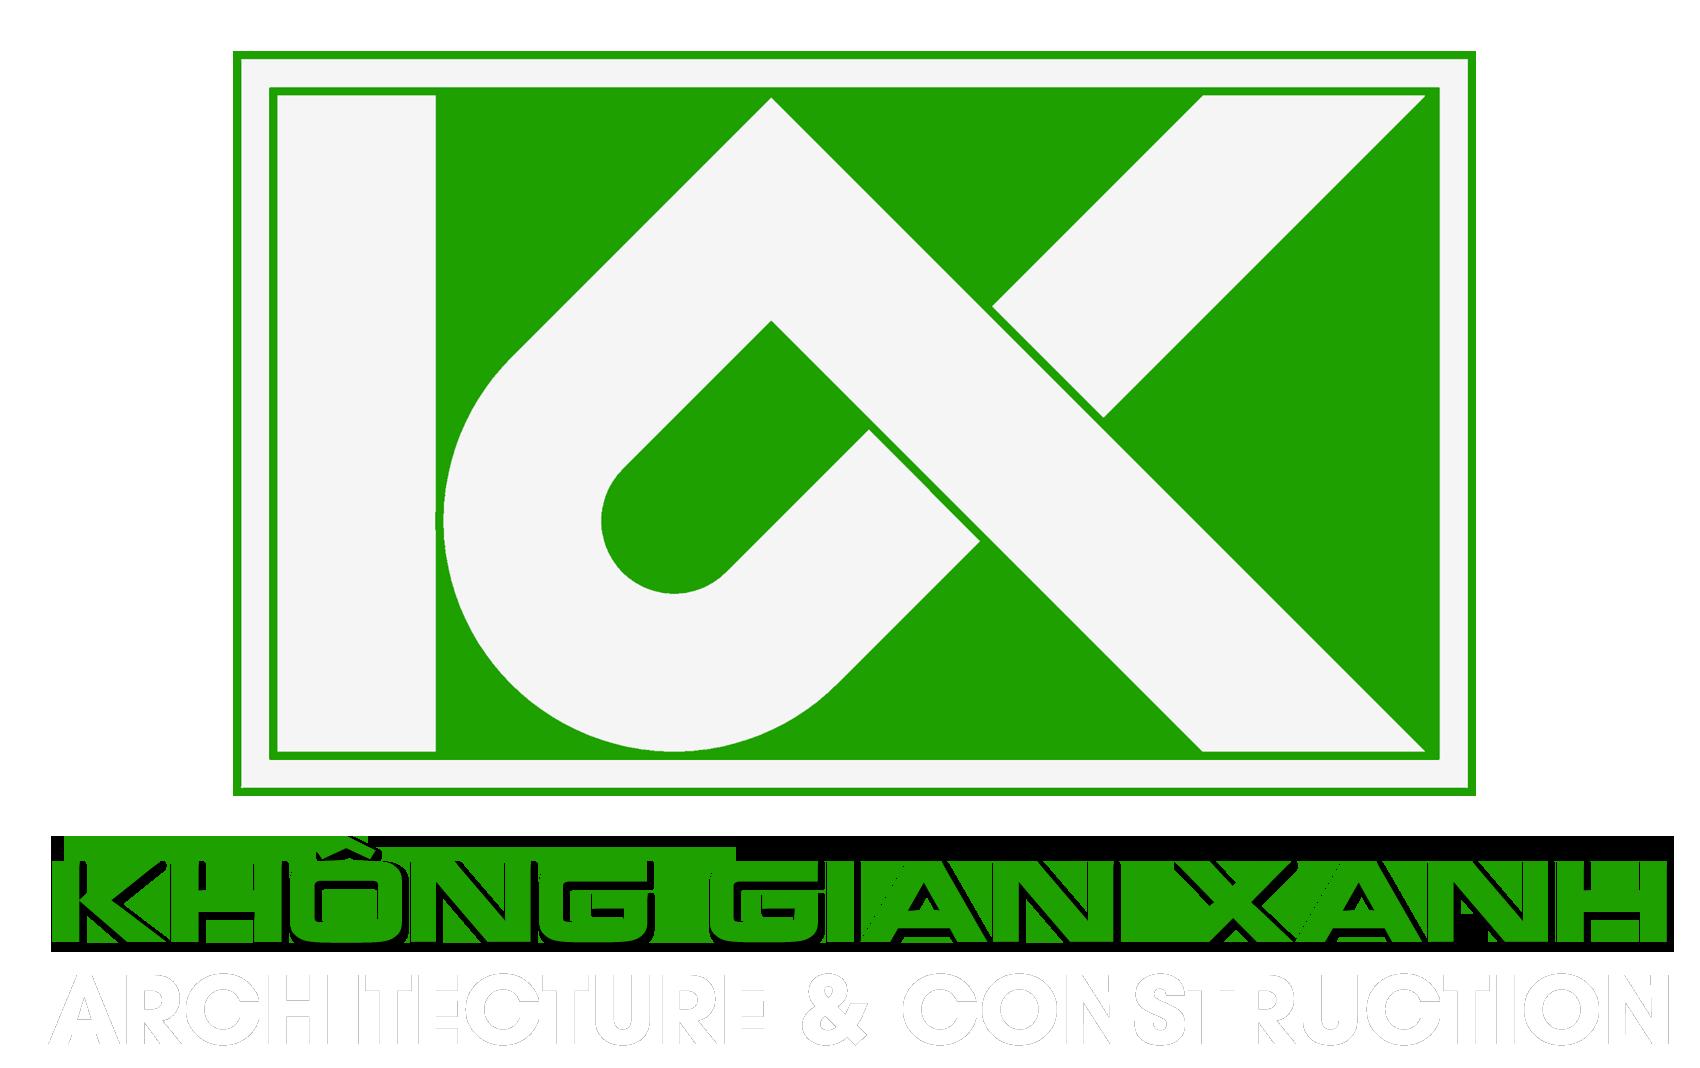 Kiến trúc Không Gian Xanh